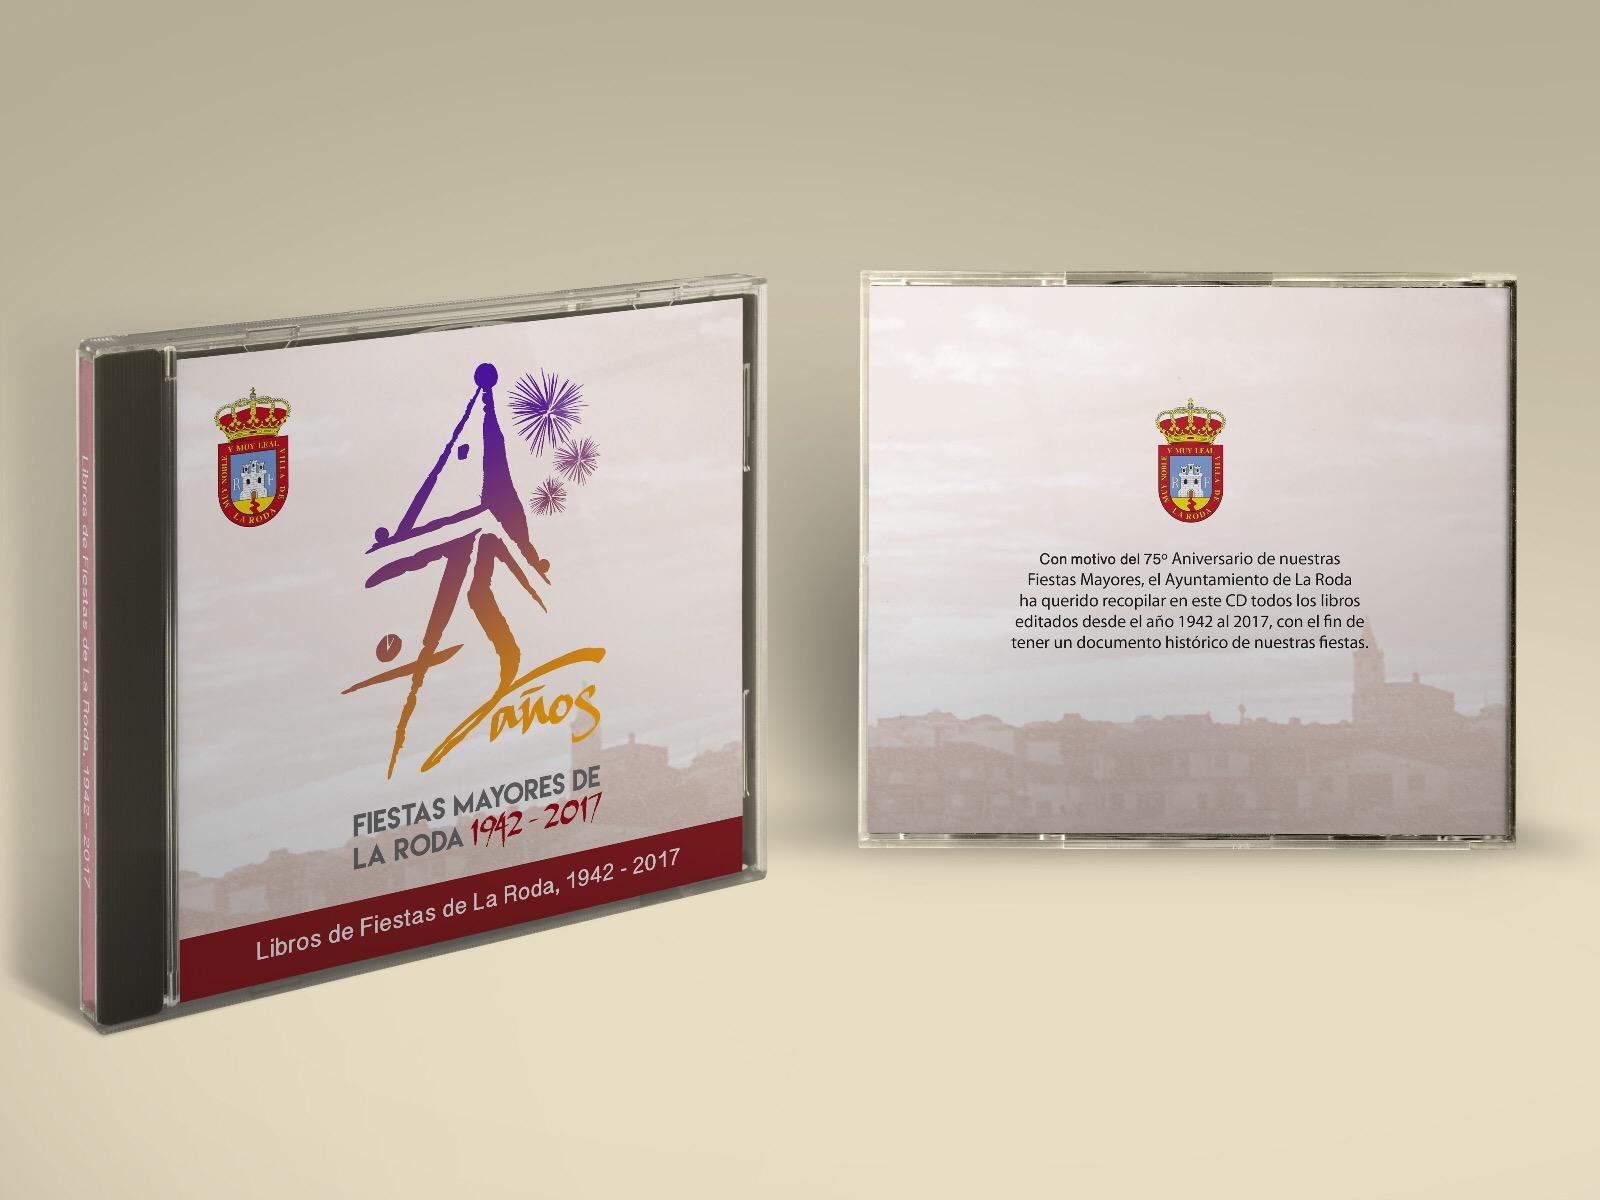 El Ayuntamiento Publica Un Recopilatorio De Los Libros De Fiestas